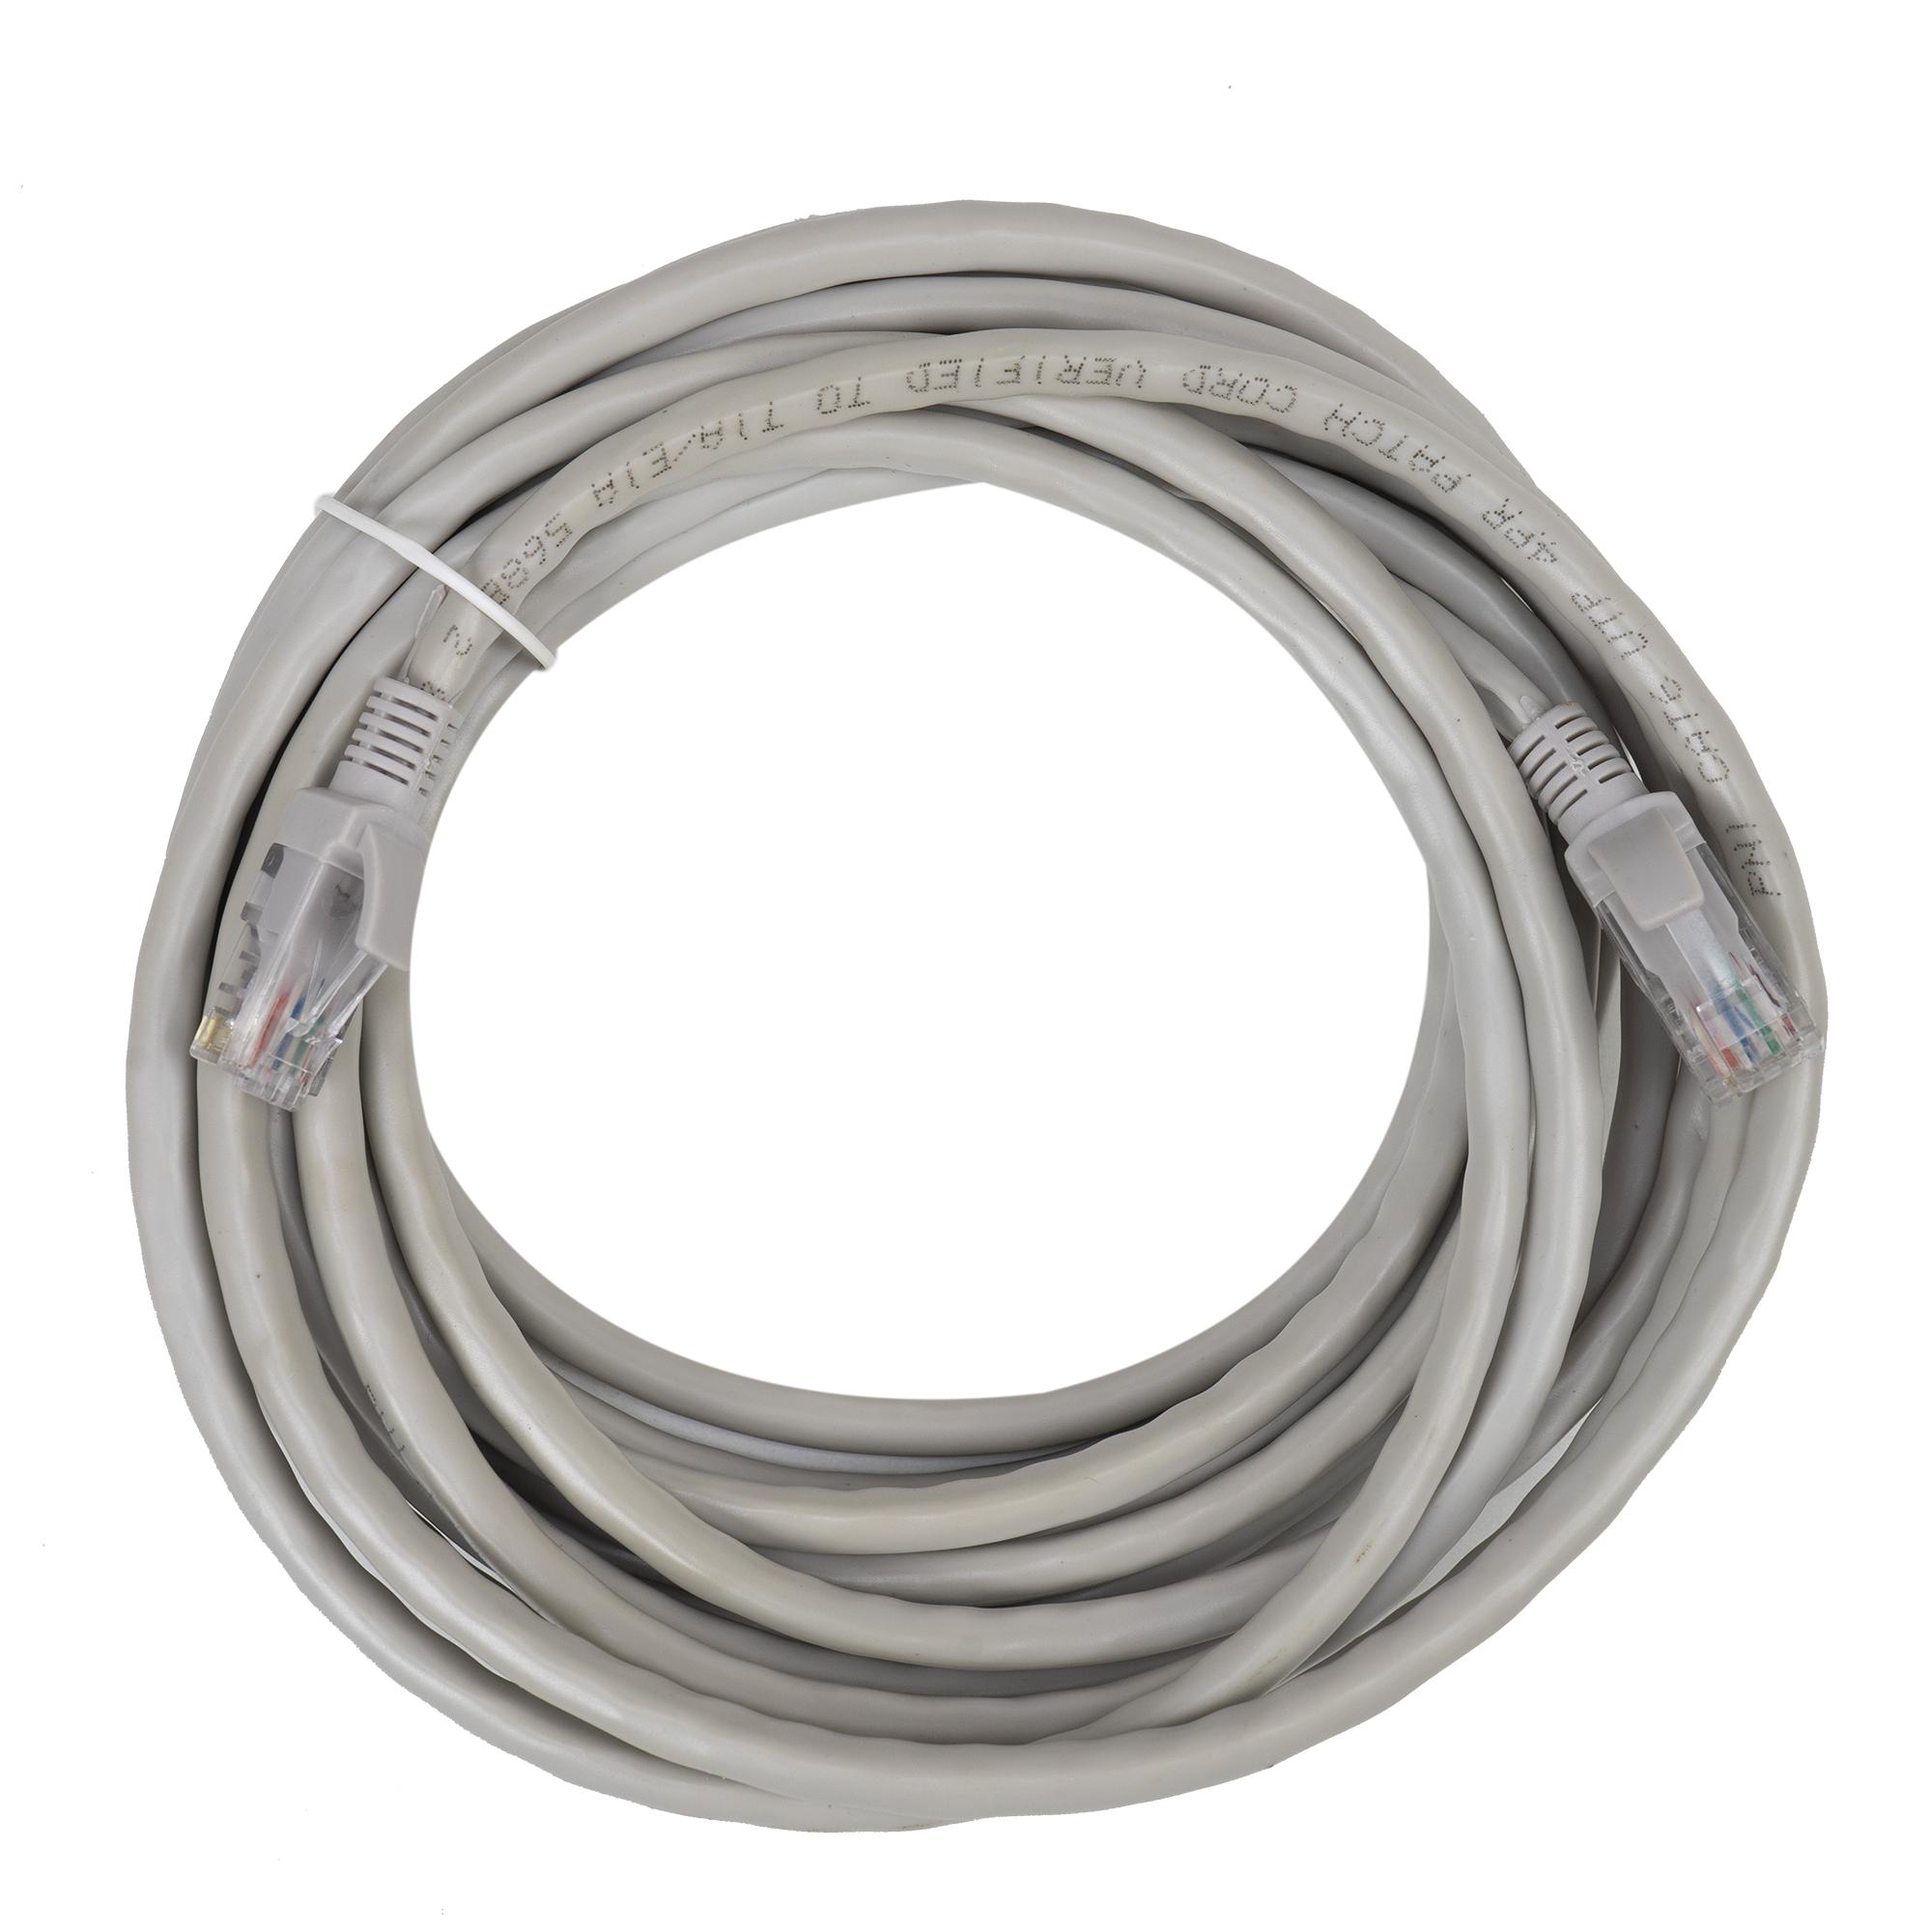 Cablu de retea, ethernet, patch, mufat